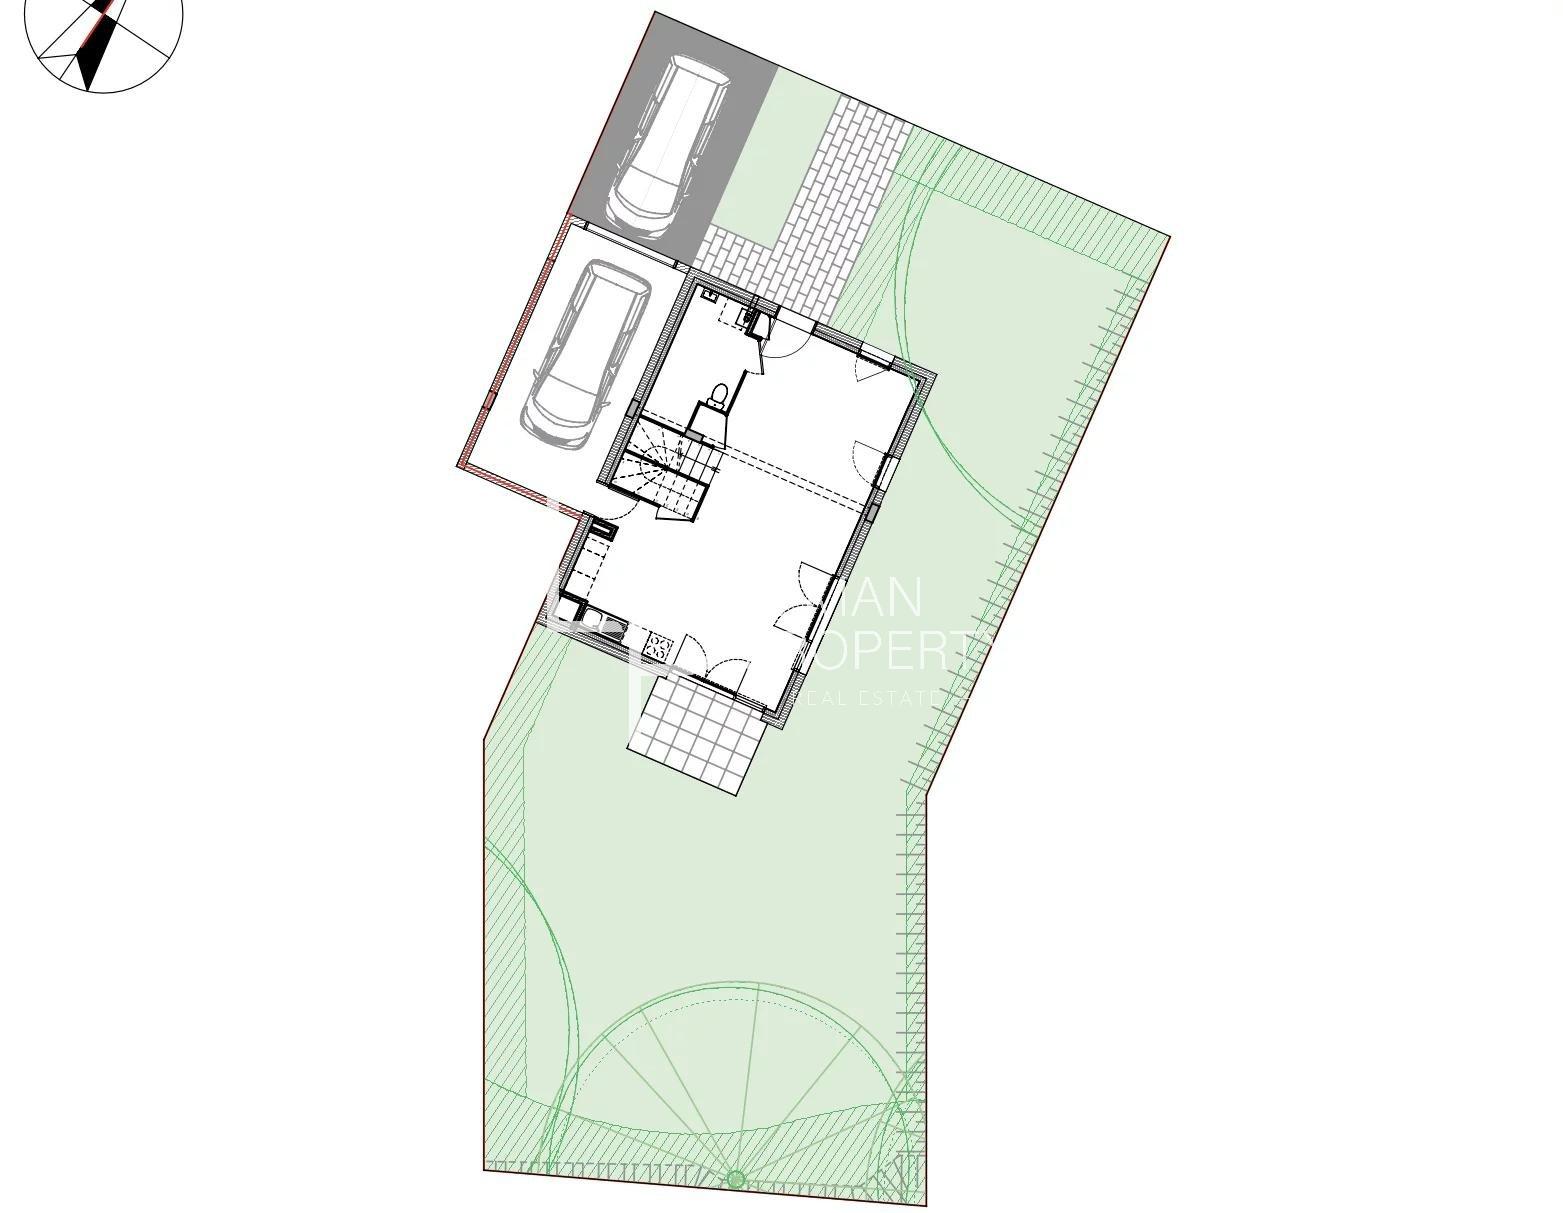 Vente de appartement à Perrignier au prix de 396600€